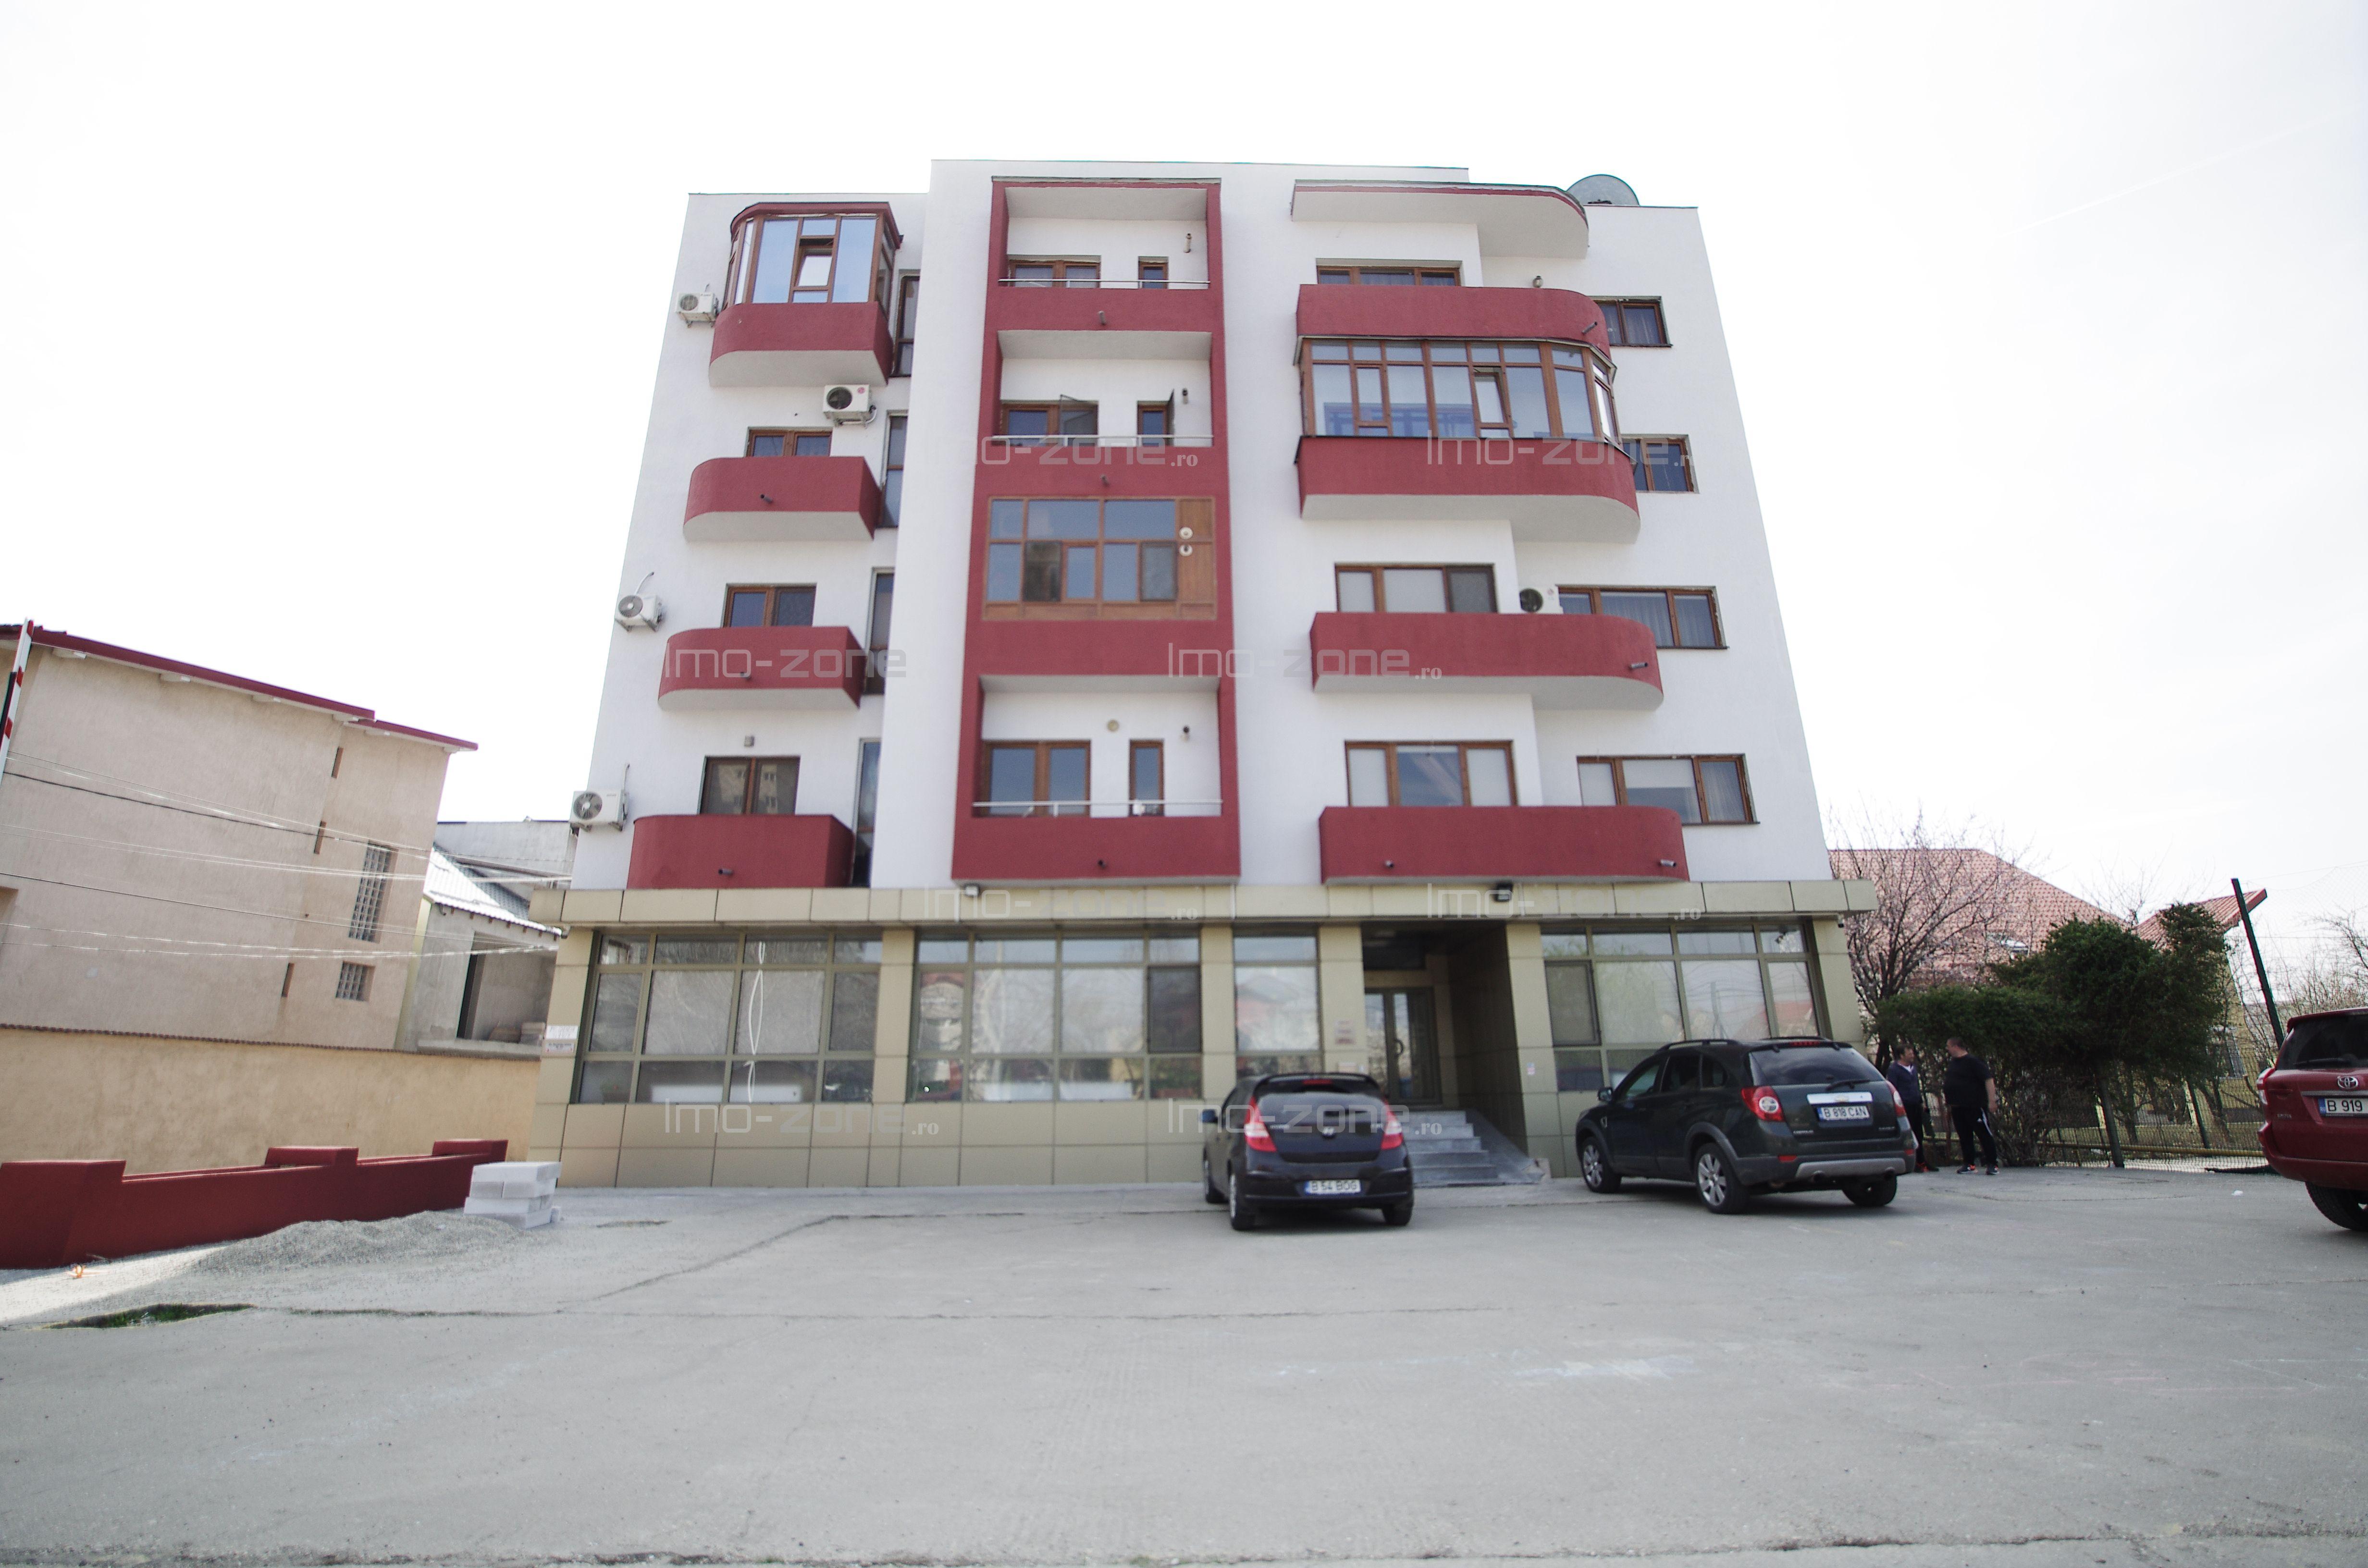 Inchiriere apartament 4 camere +terasa, Drumul Taberei, LIDL Primavara